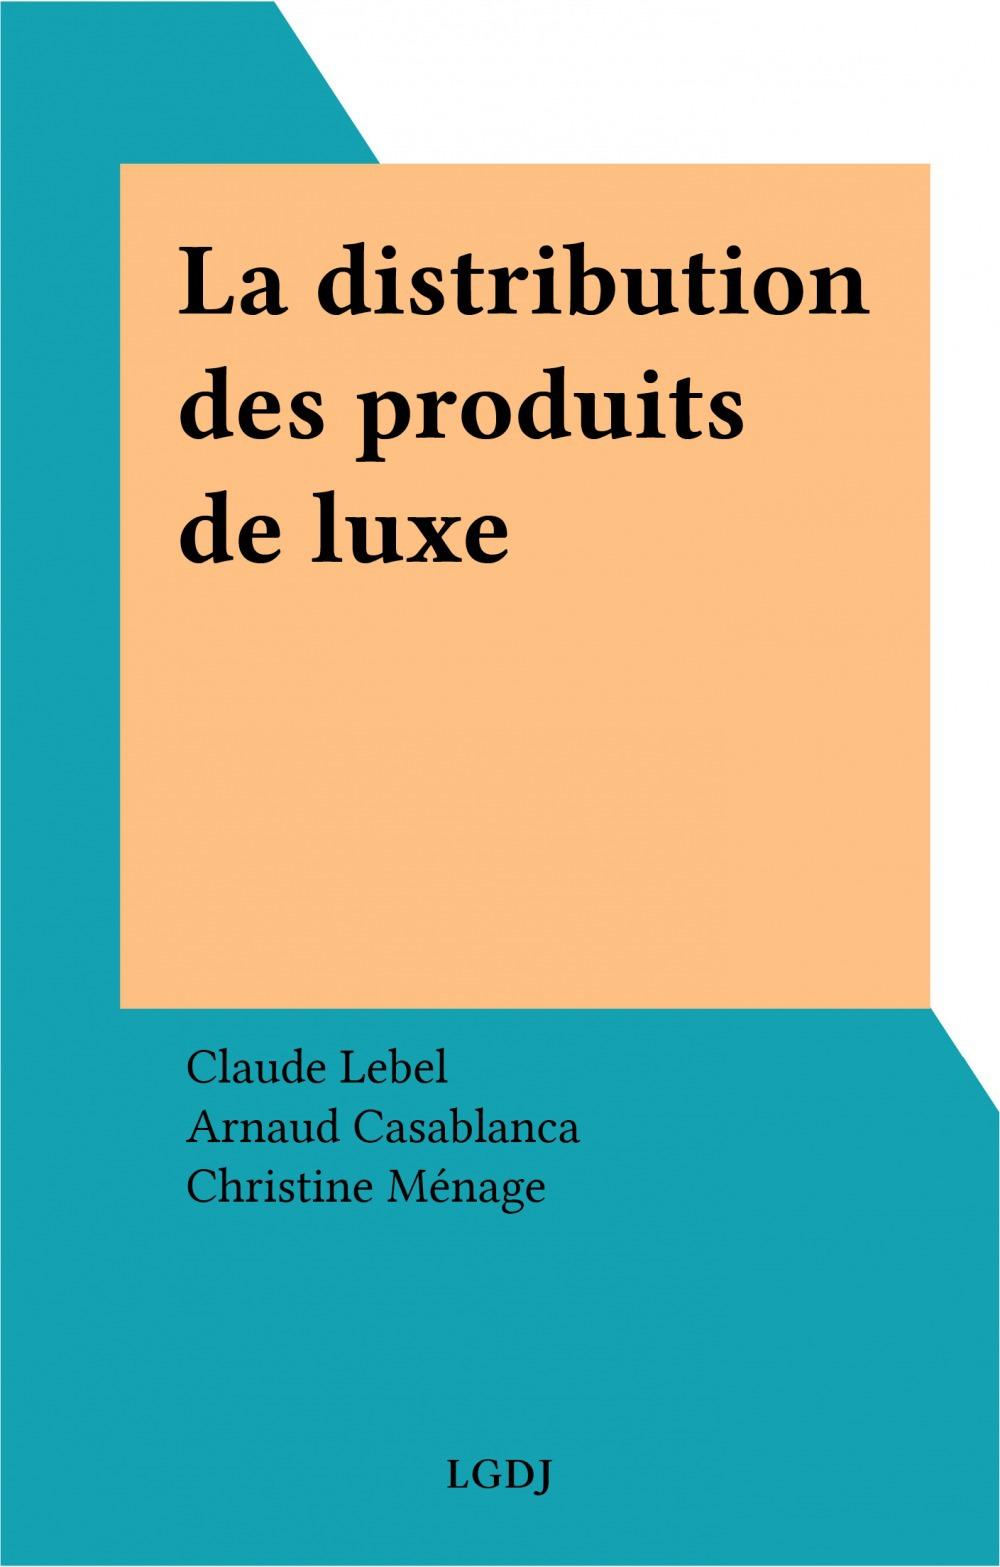 Distribution produits de luxe